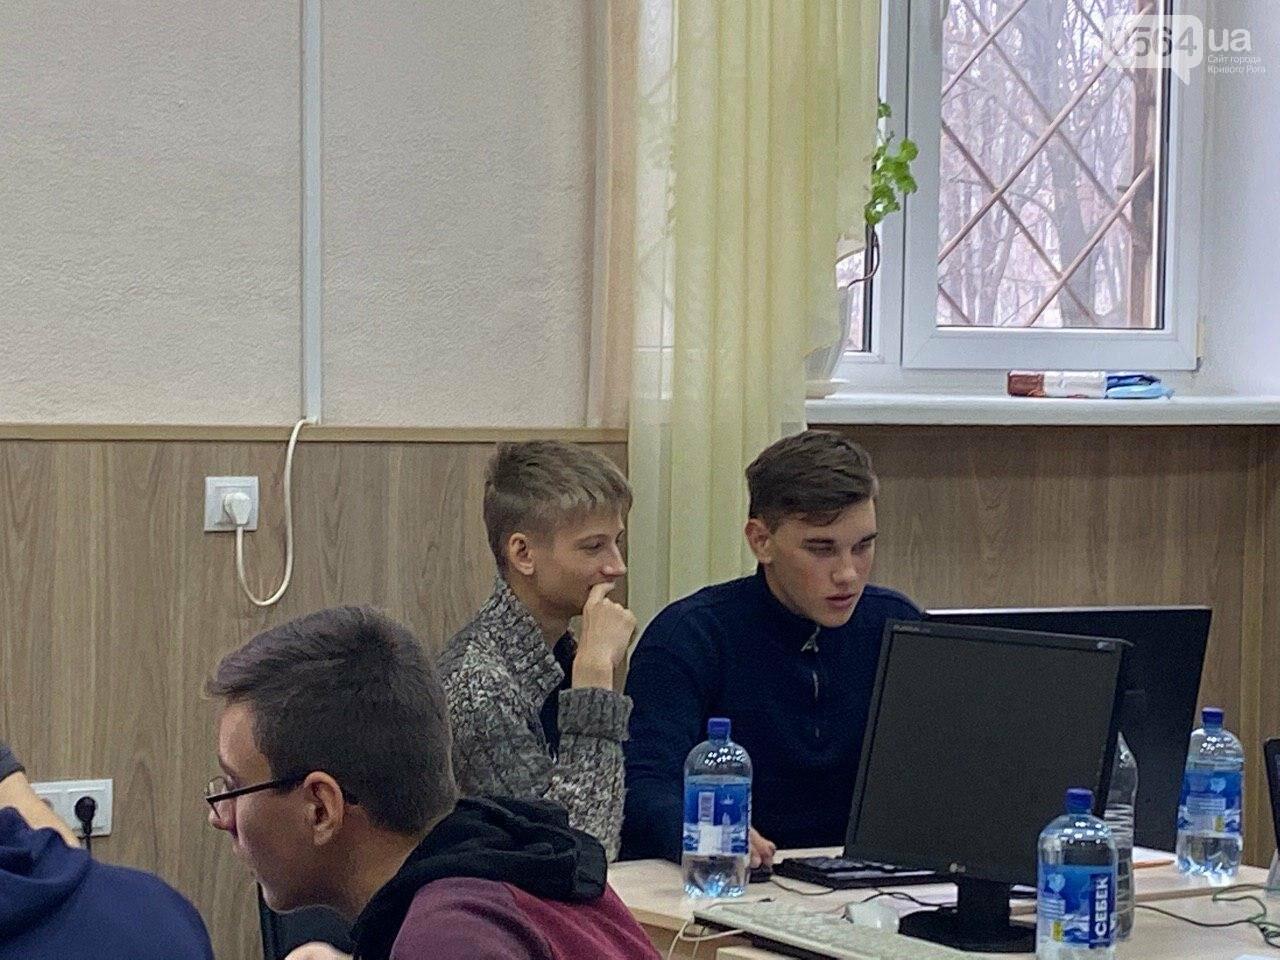 Впервые в Кривом Роге проходит Всеукраинский турнир юных информатиков, - ФОТО, фото-8